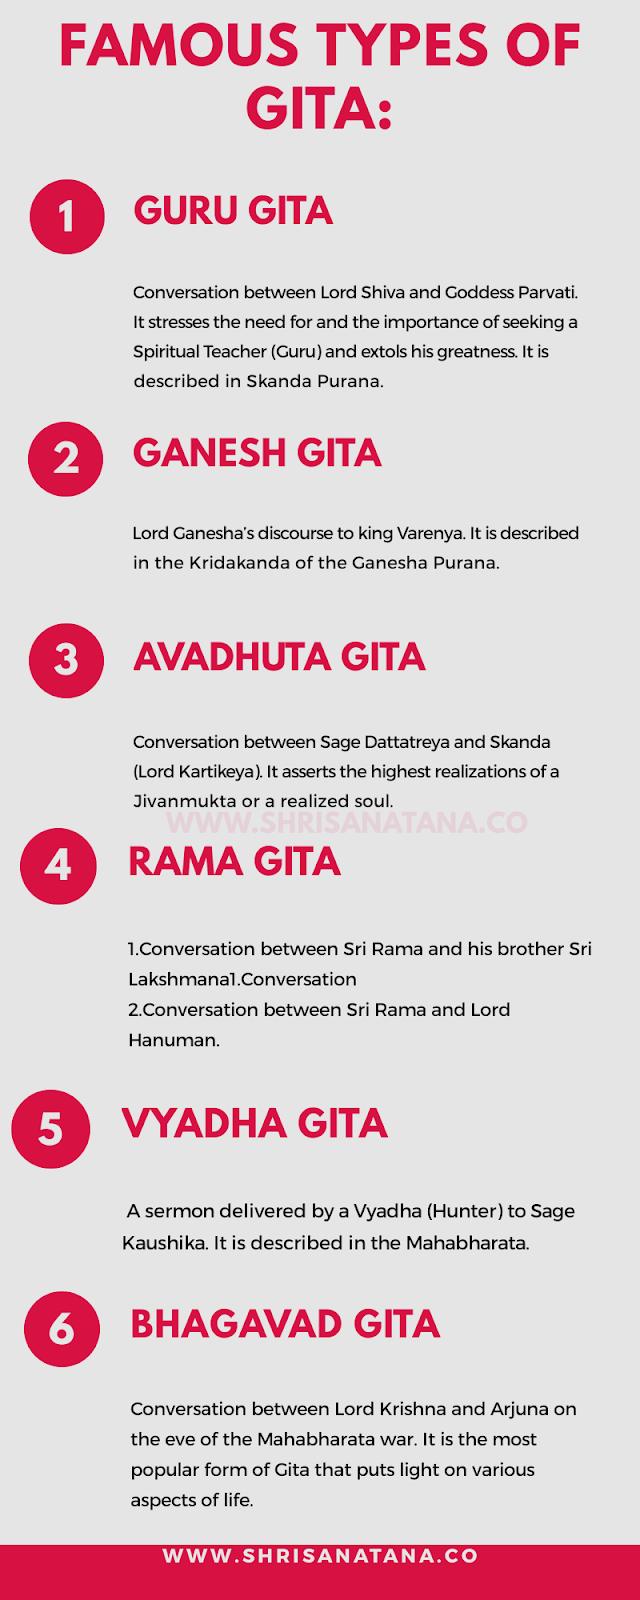 Guru Gita, Ganesh Gita, Avadhuta Gita, Ram Gita, Uddhav Gita, Vyadha Gita, and the Anu